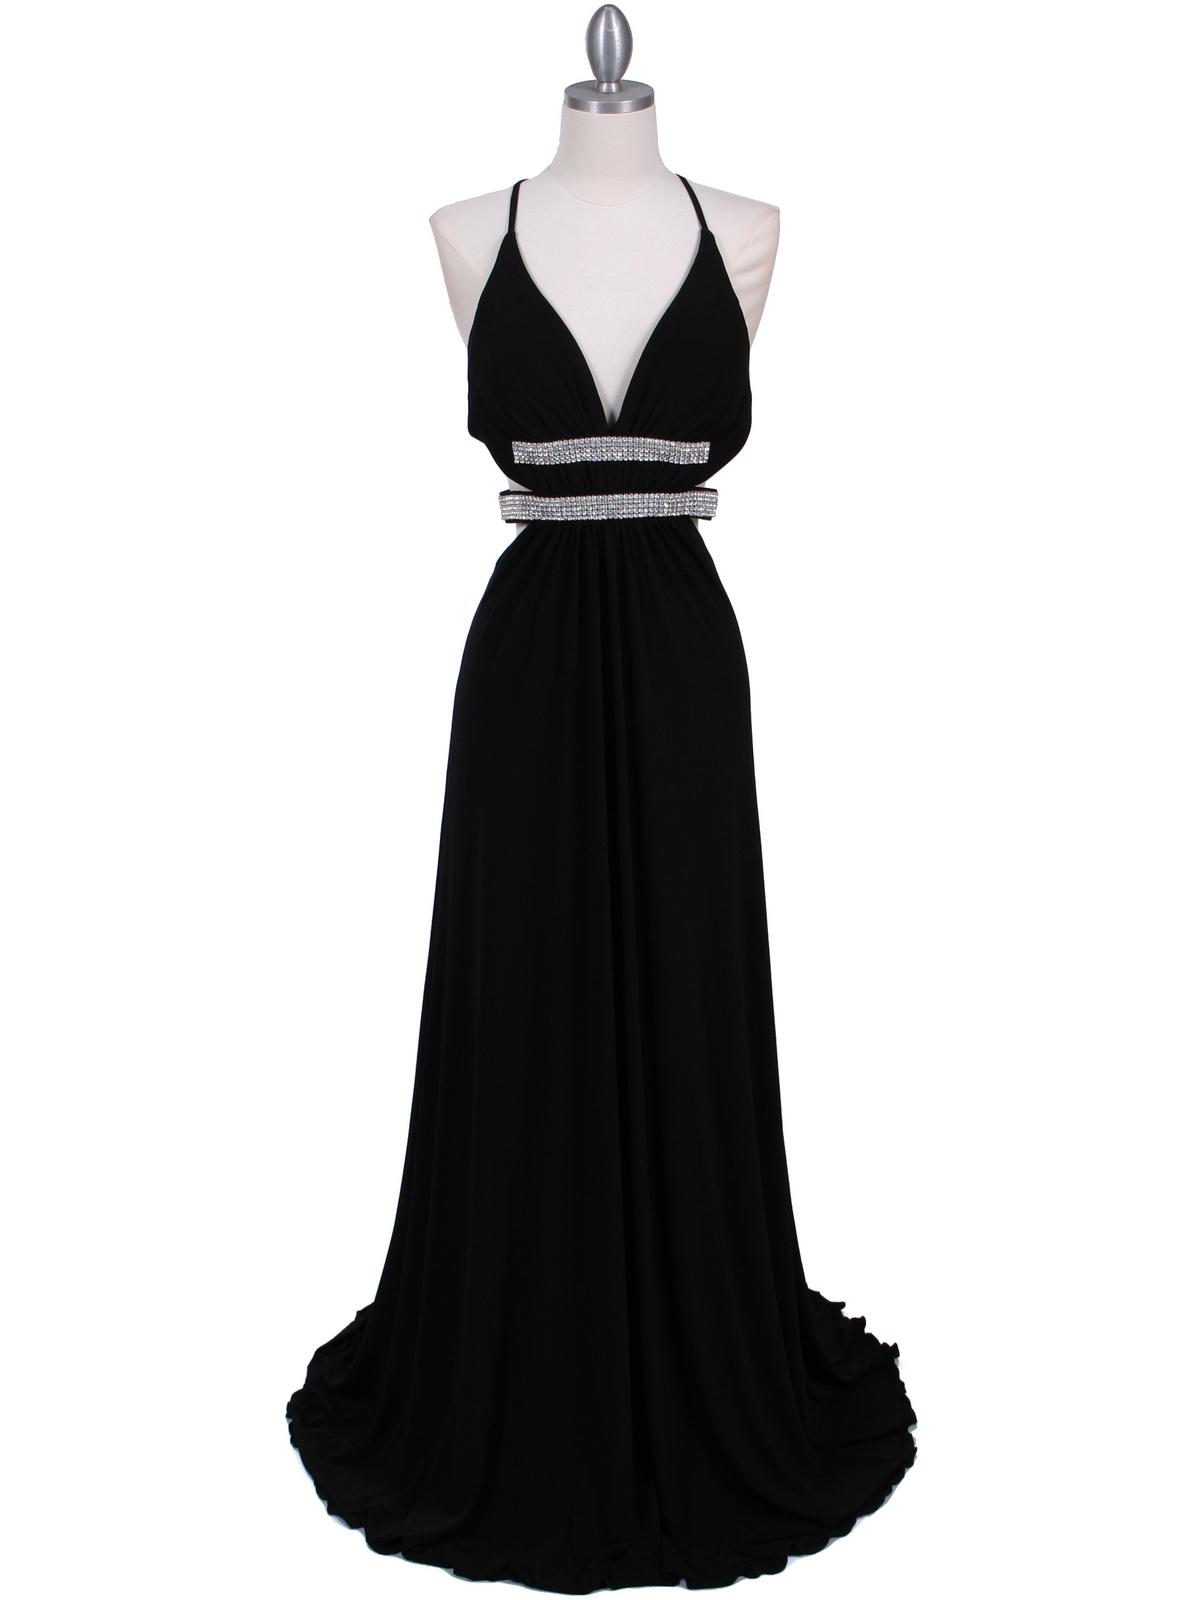 Black Evening Gown   Sung Boutique L.A.